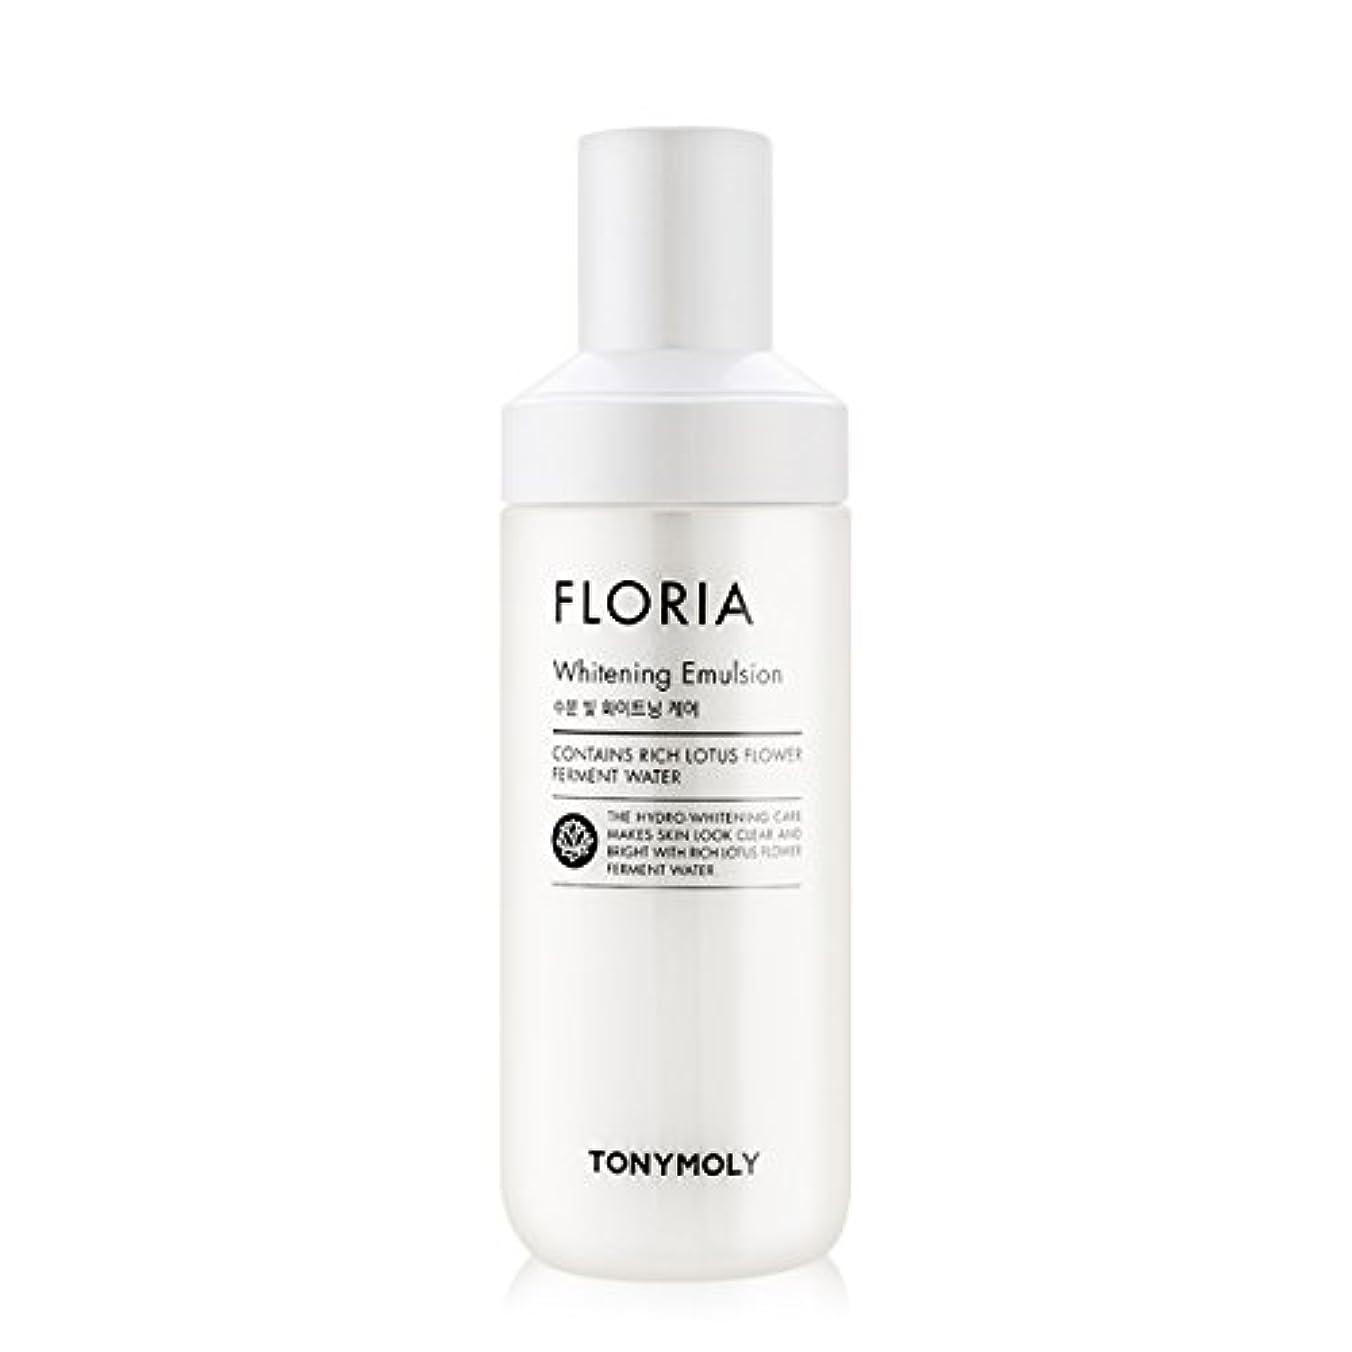 れるアラーム定期的[2016 New] TONYMOLY Floria Whitening Emulsion 160ml/トニーモリー フロリア ホワイトニング エマルジョン 160ml